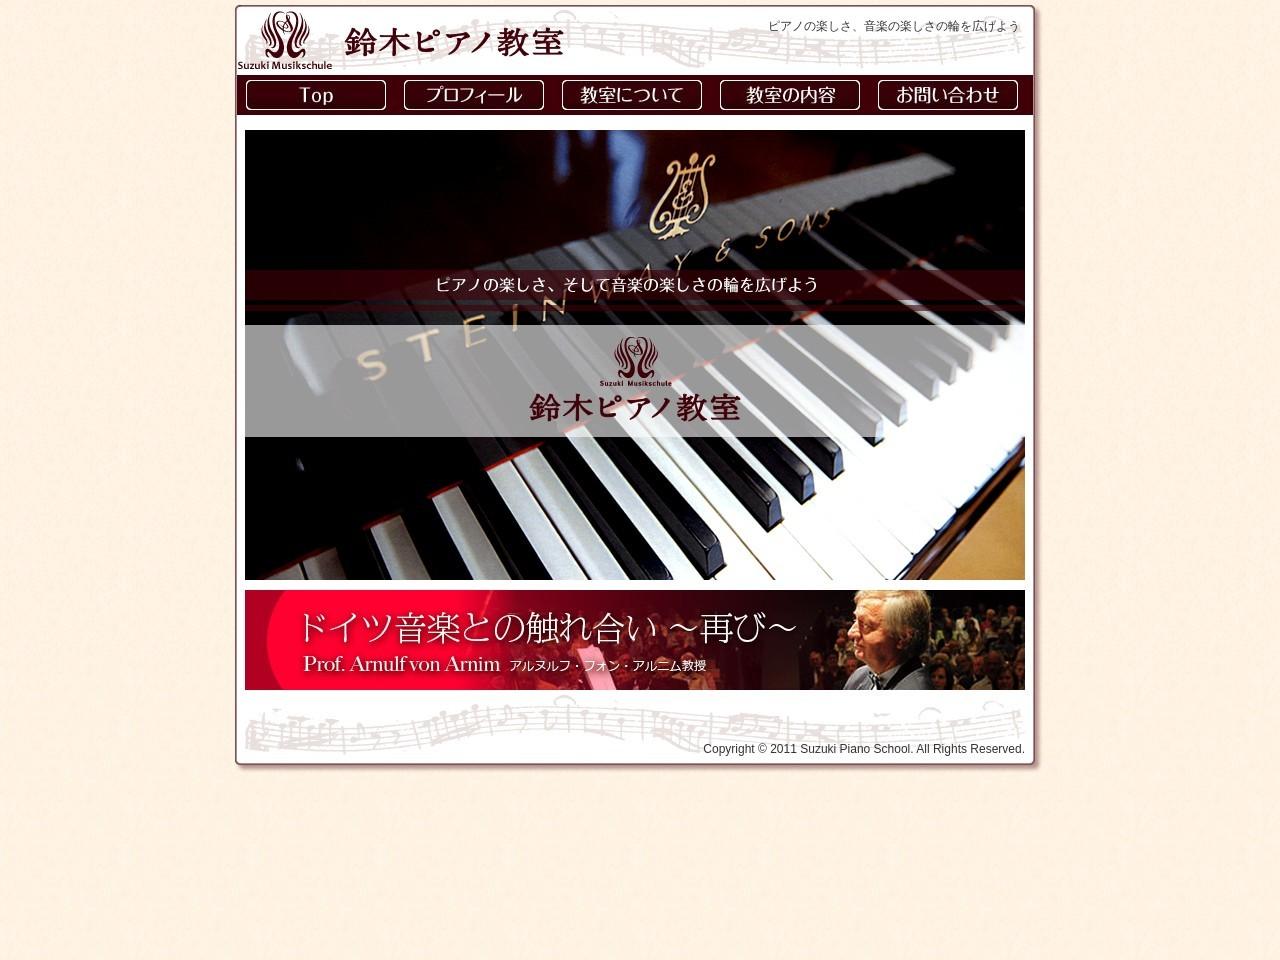 鈴木ピアノ教室のサムネイル